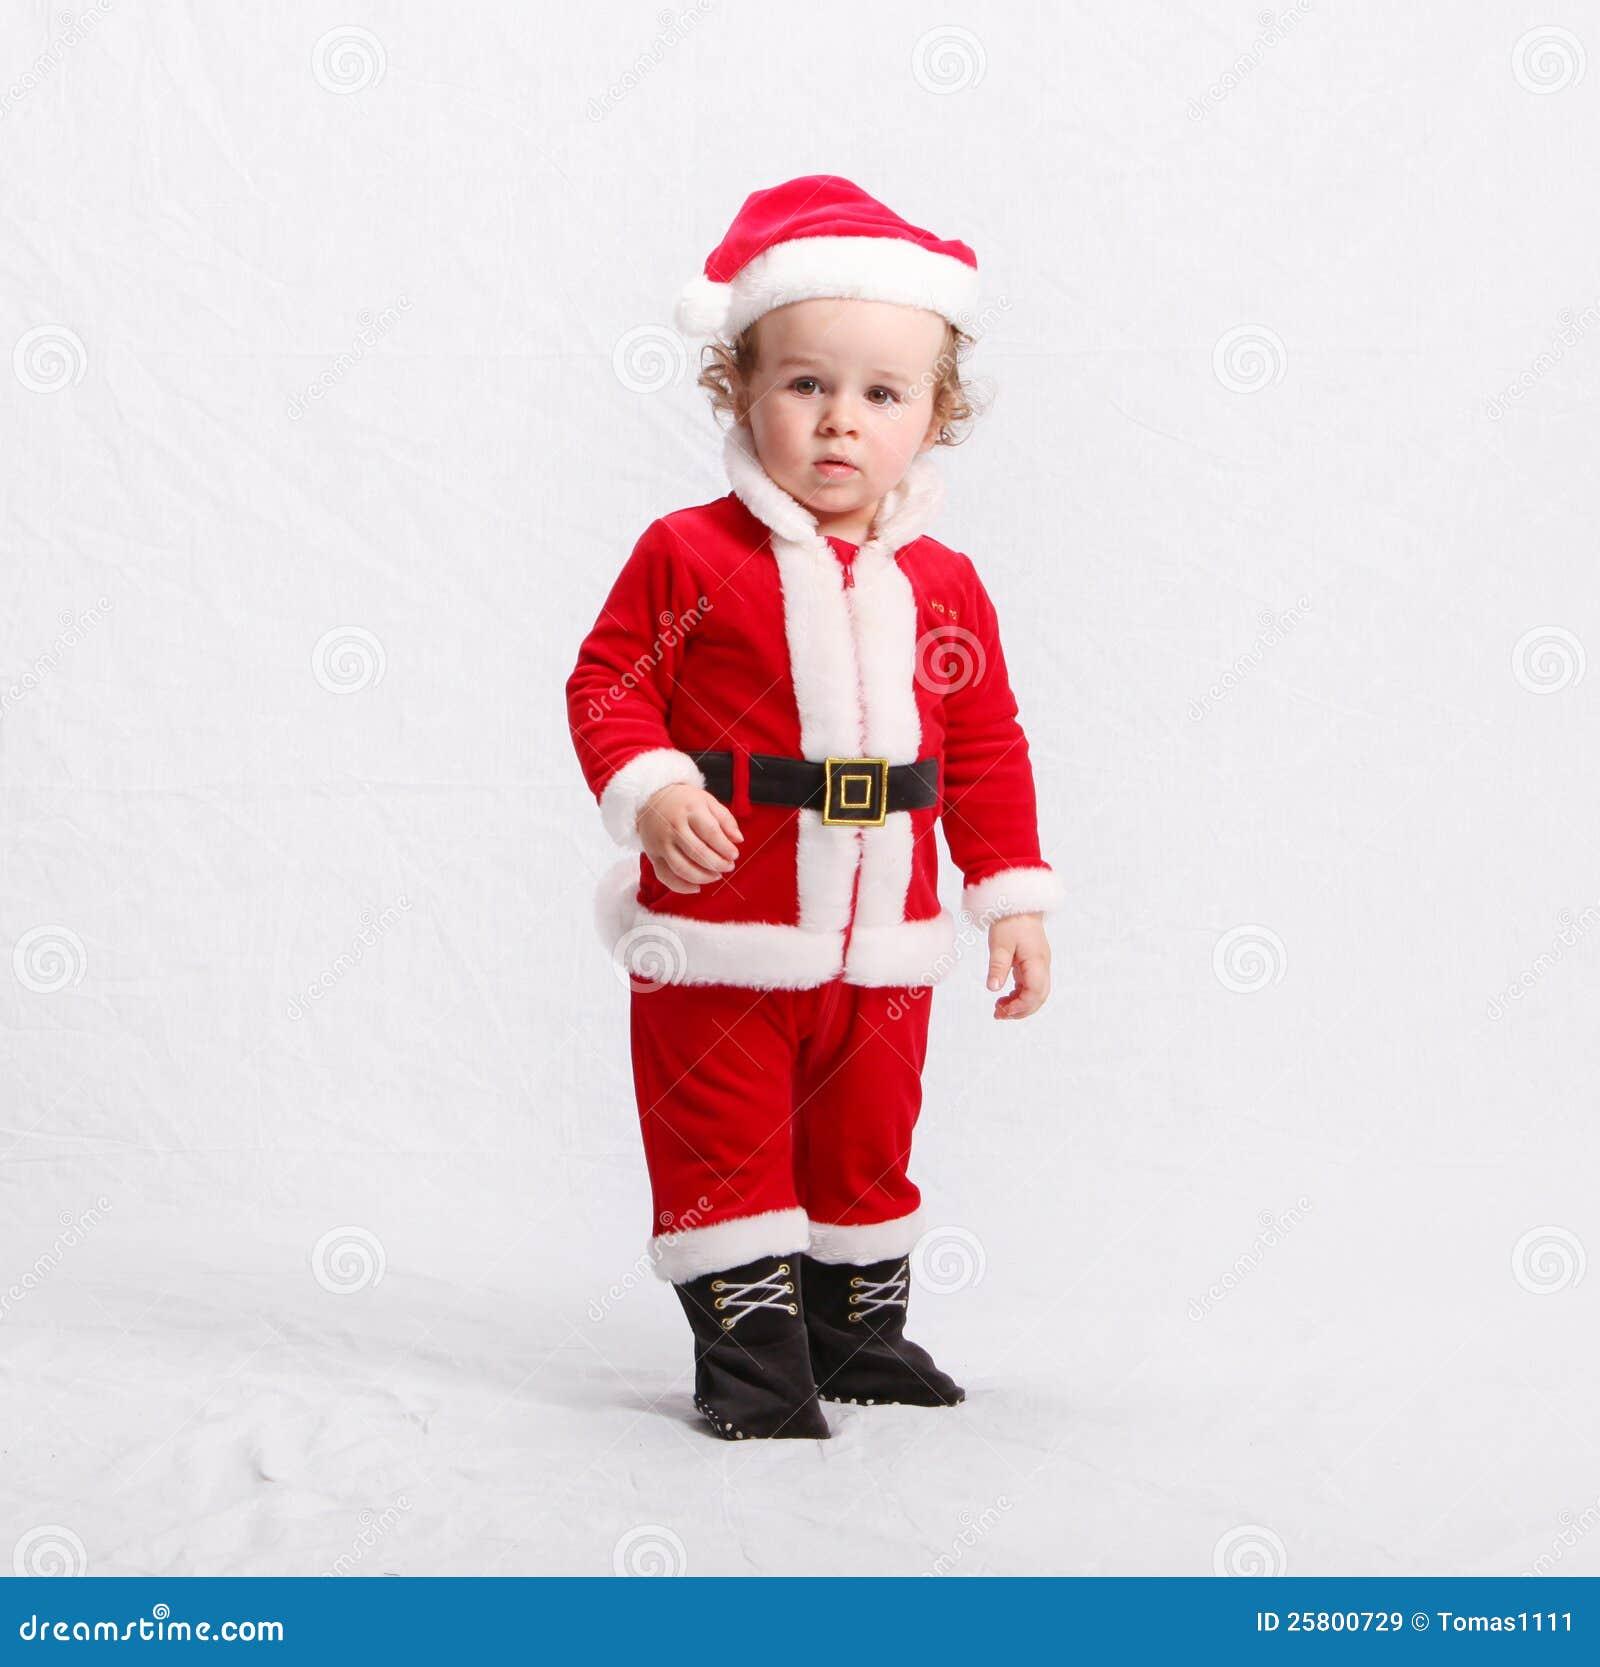 cute kid in santa claus clothes - Kids Santa Claus